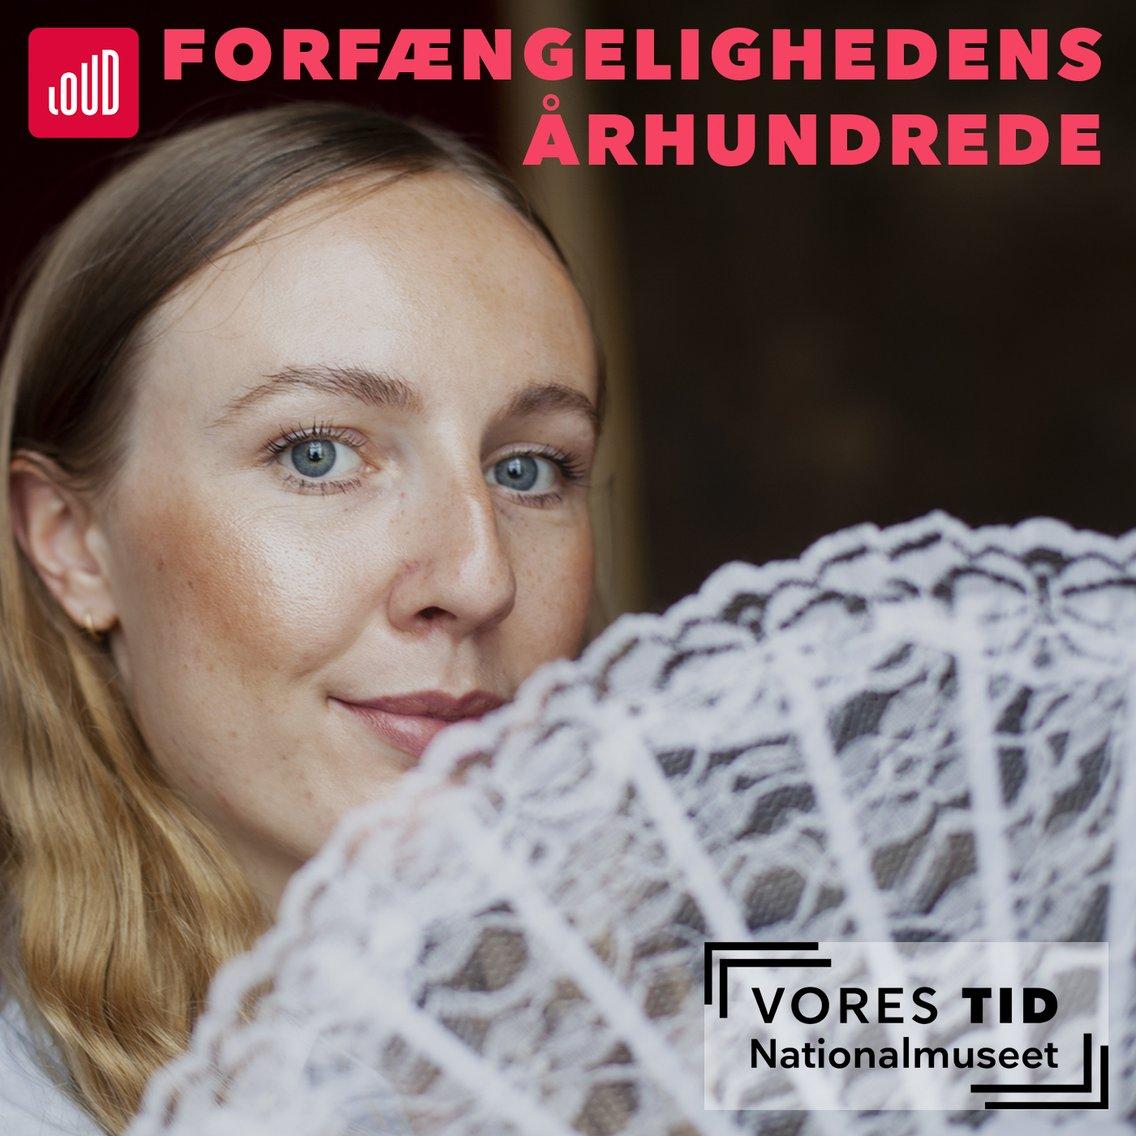 Forfængelighedens århundrede - immagine di copertina